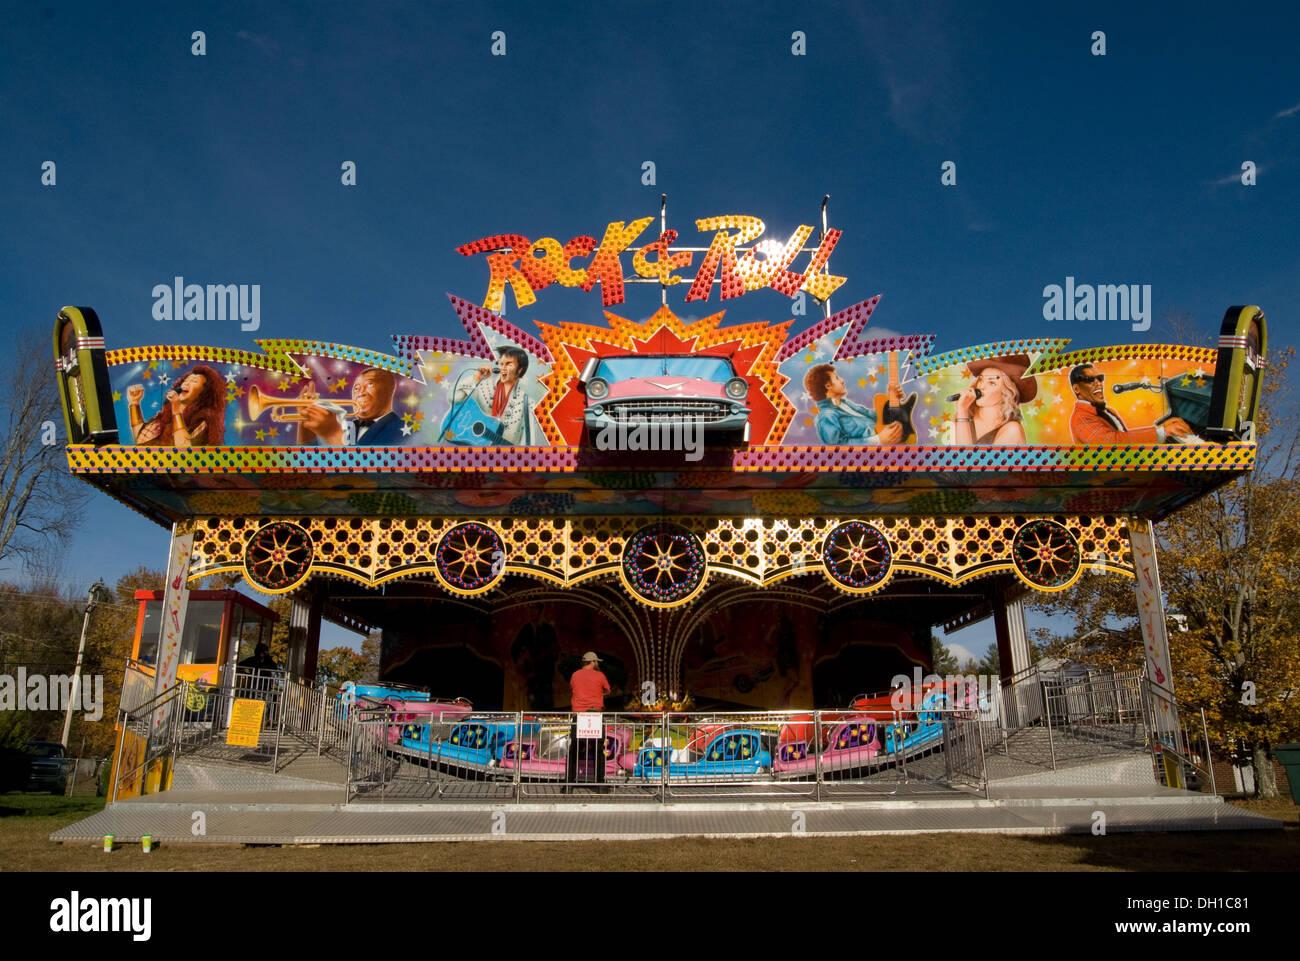 Rock 'n' Roll Roller Coaster Banque D'Images